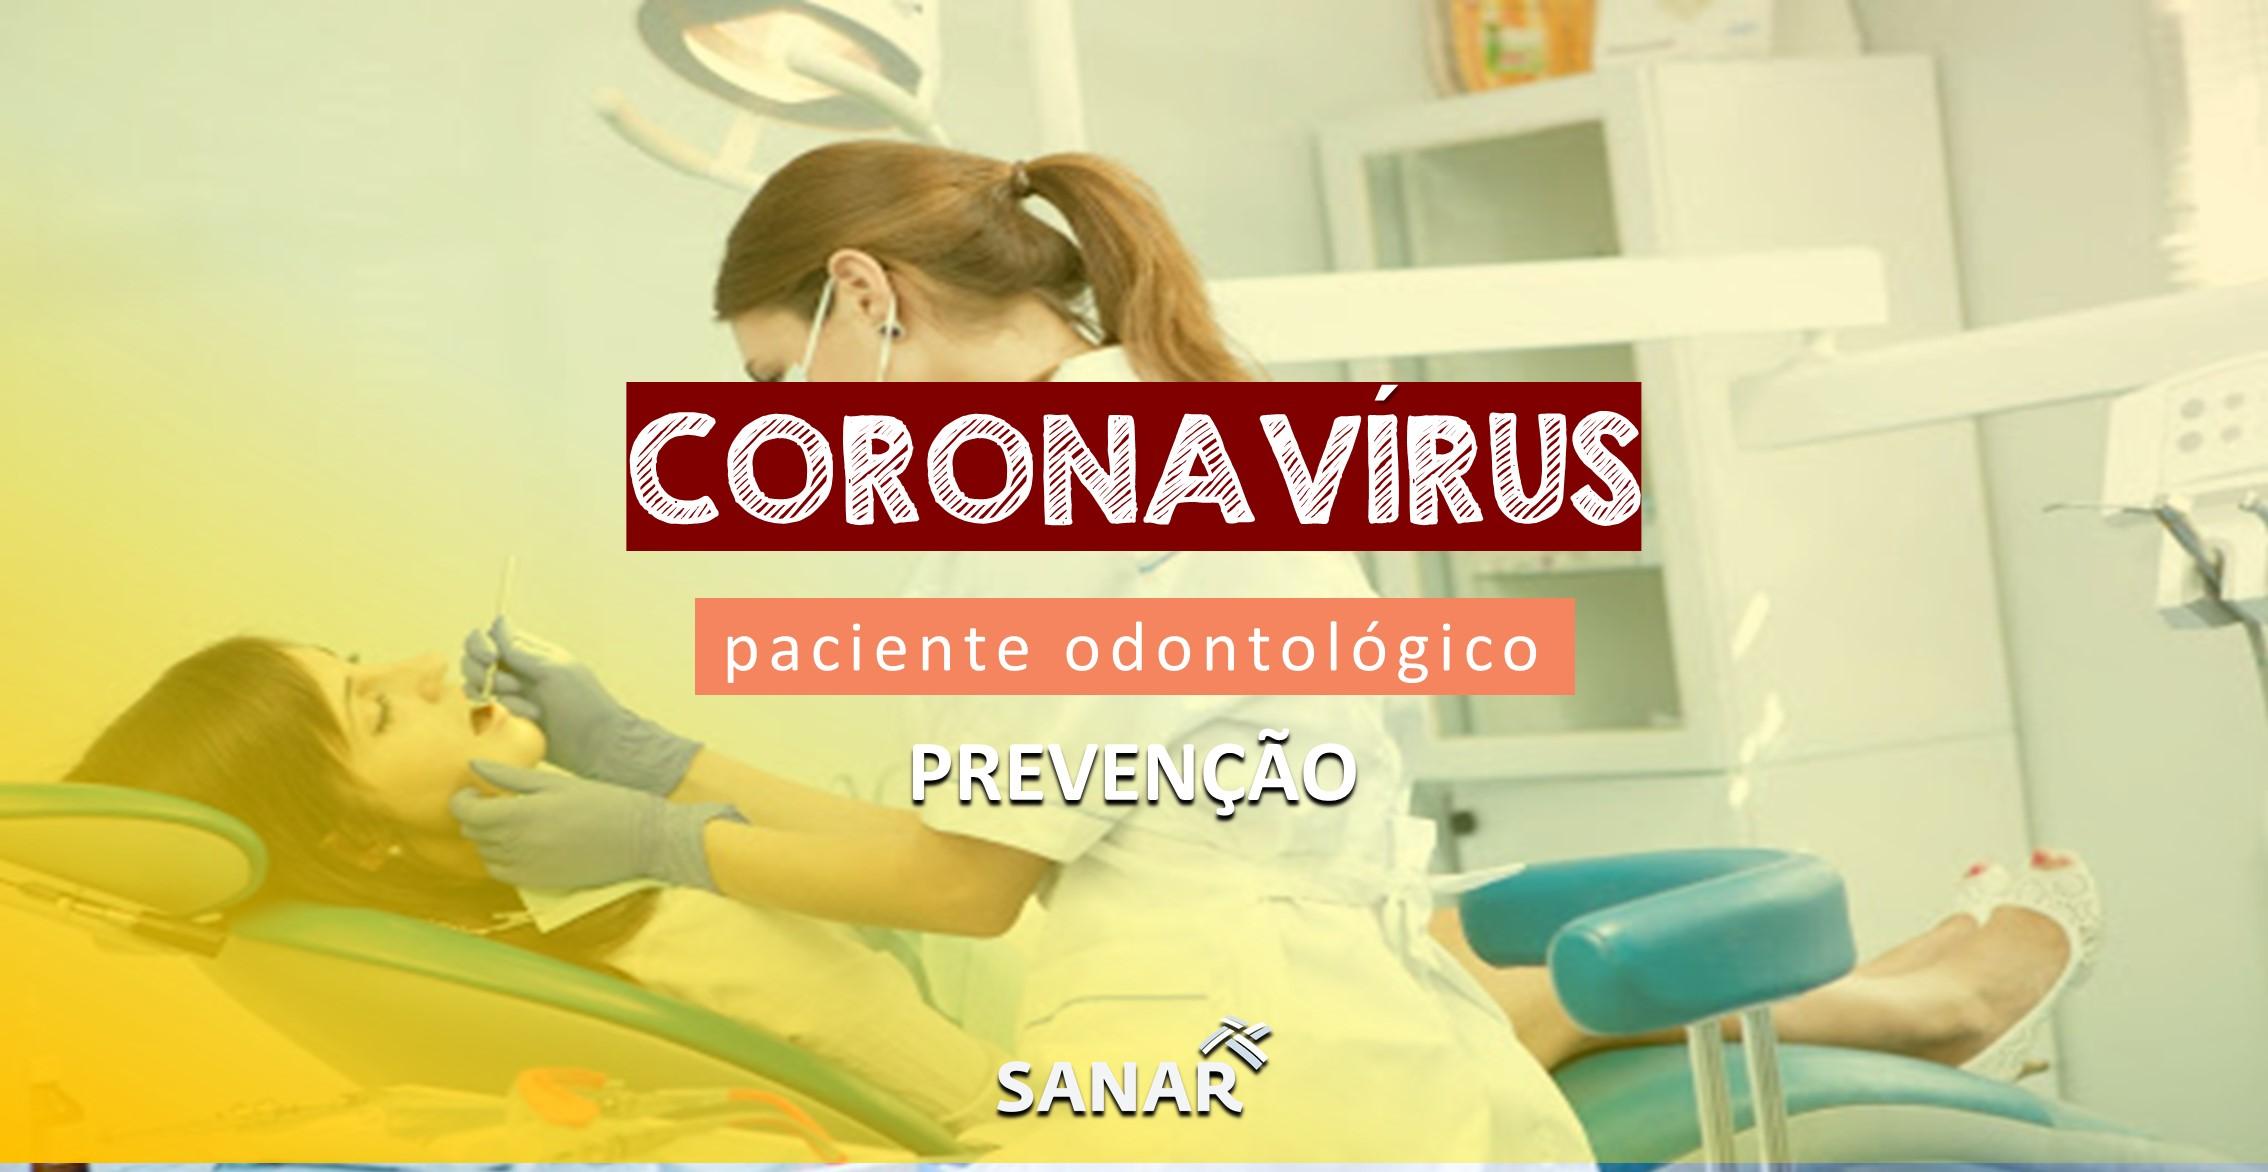 Manejo do paciente odontológico visando a prevenção do coronavírus